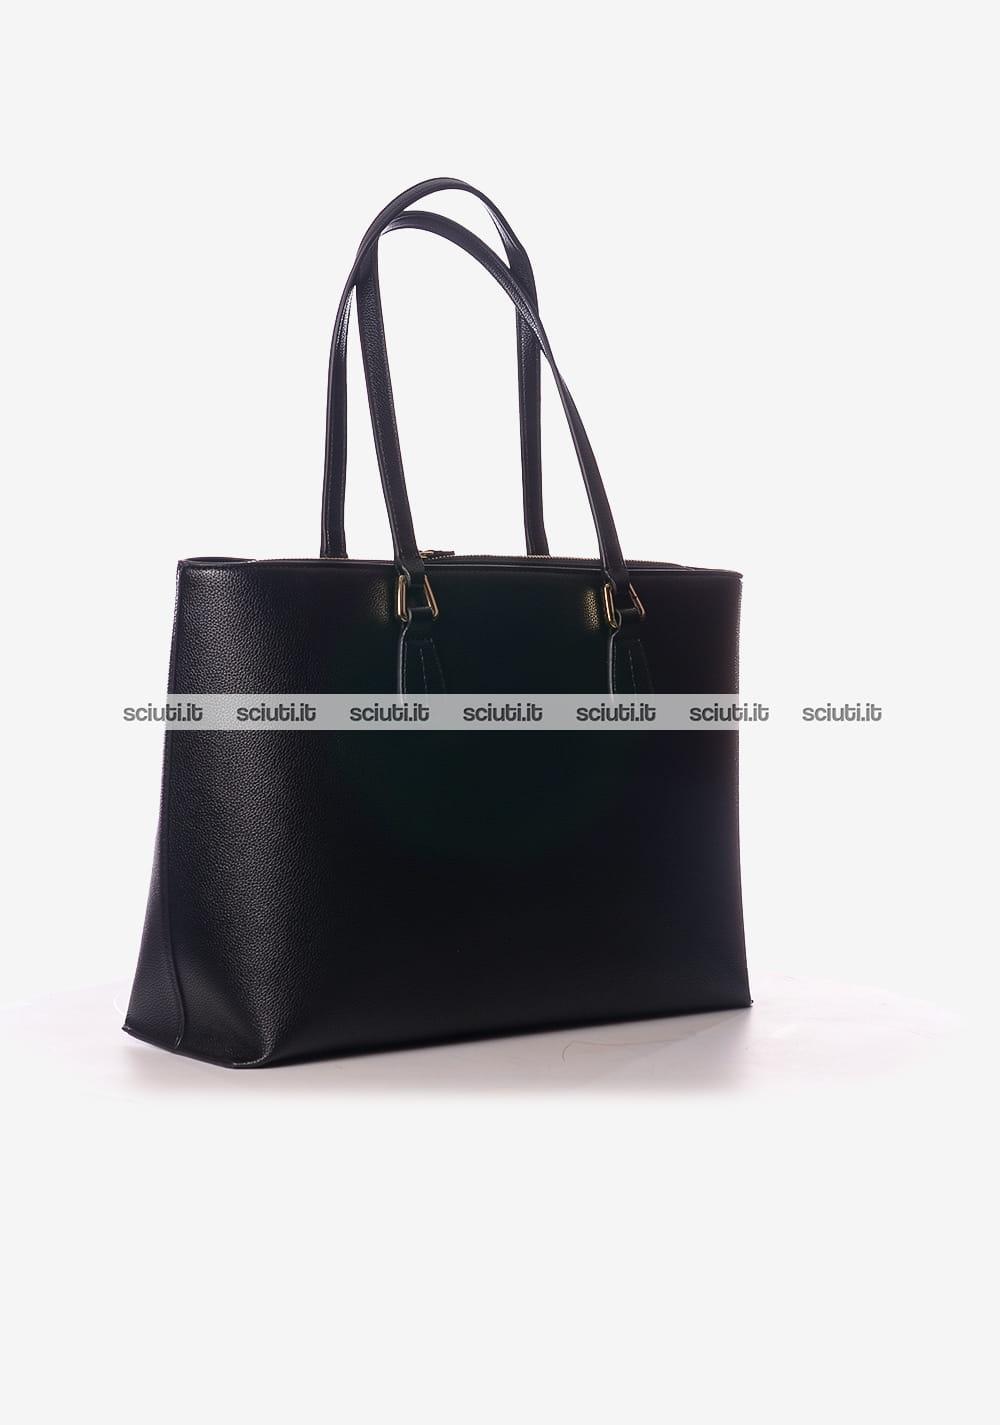 097a113e20 Borsa shopping grande Emporio Armani donna logo nero | Sciuti.it